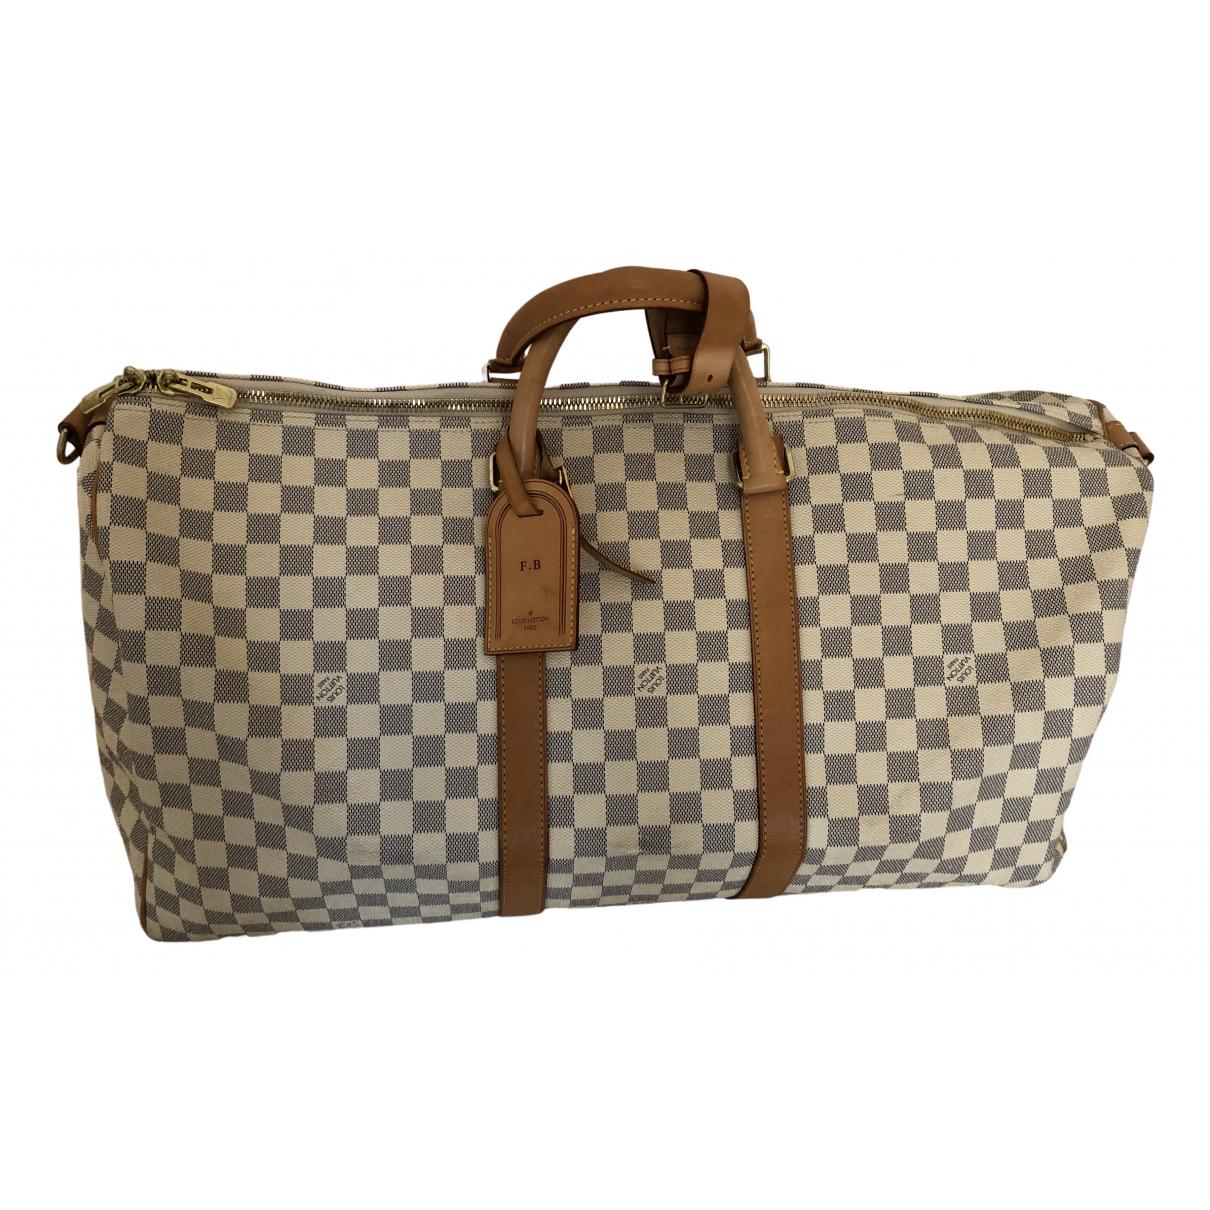 Louis Vuitton Keepall White Cloth bag for Men N